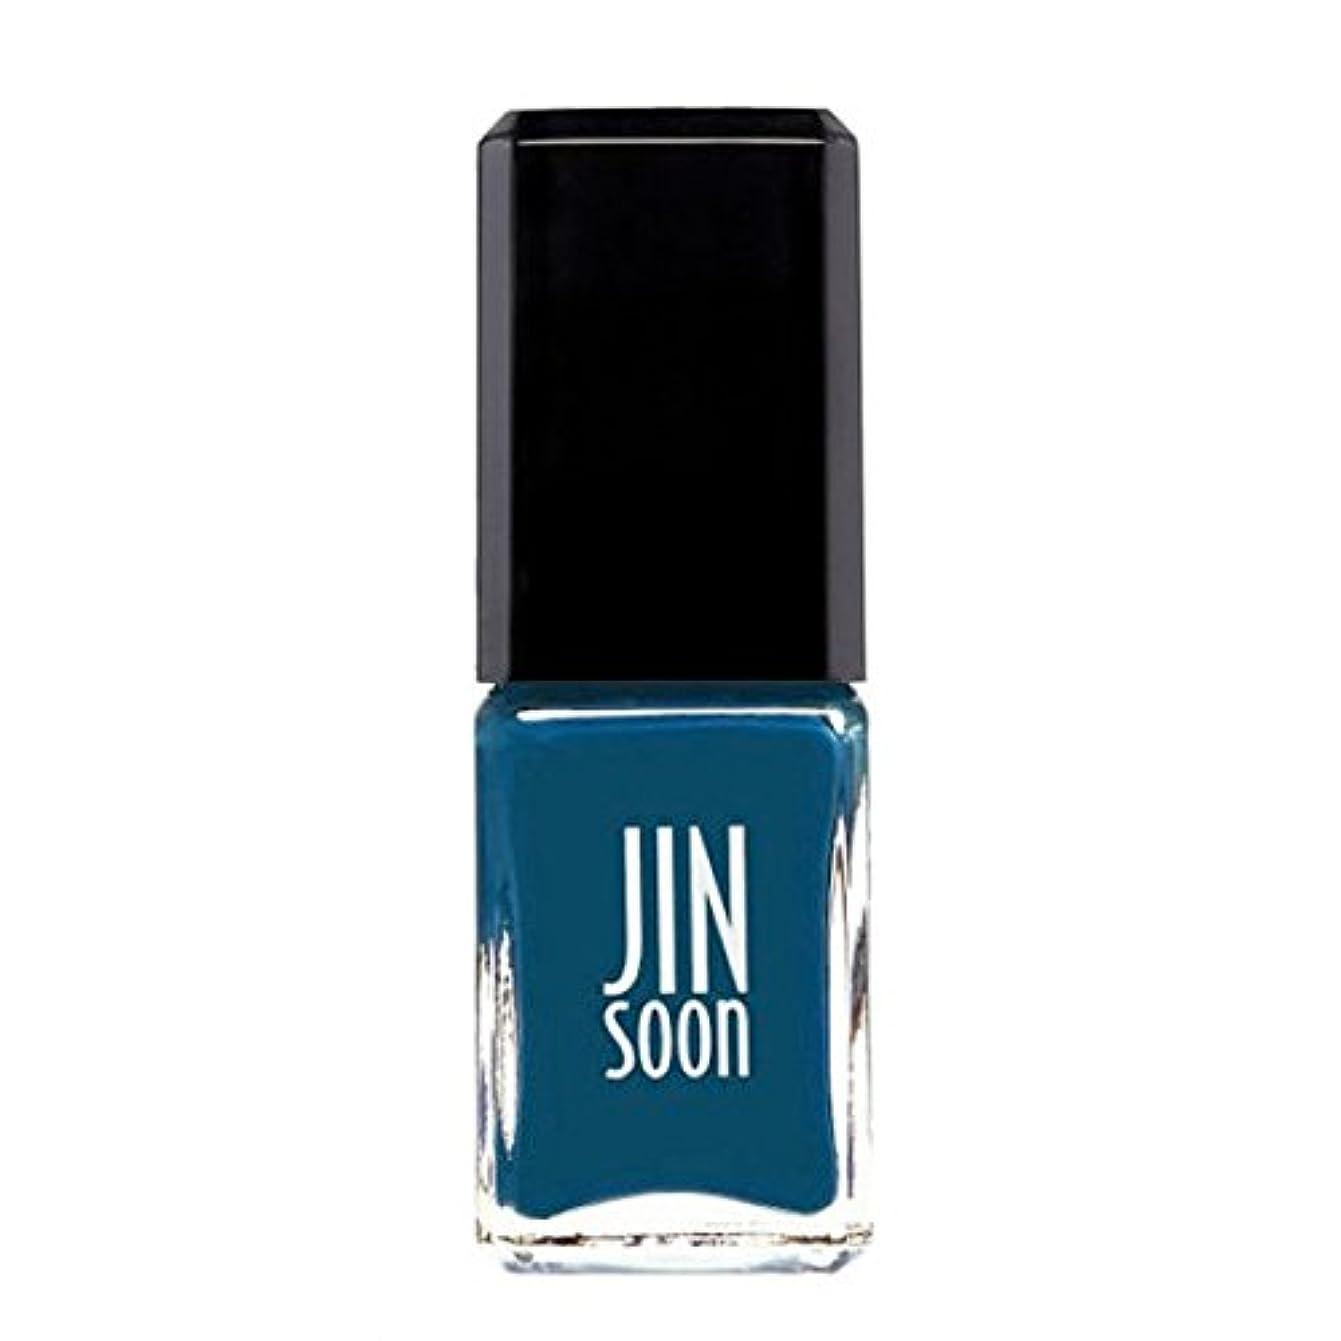 規制するハウスダース[ジンスーン] [ jinsoon] ボウ(ティールブルー) BEAU ジンスーン 5フリー ネイルポリッシュ ネイルカラー系統:ティールブルー teal blue 11mL